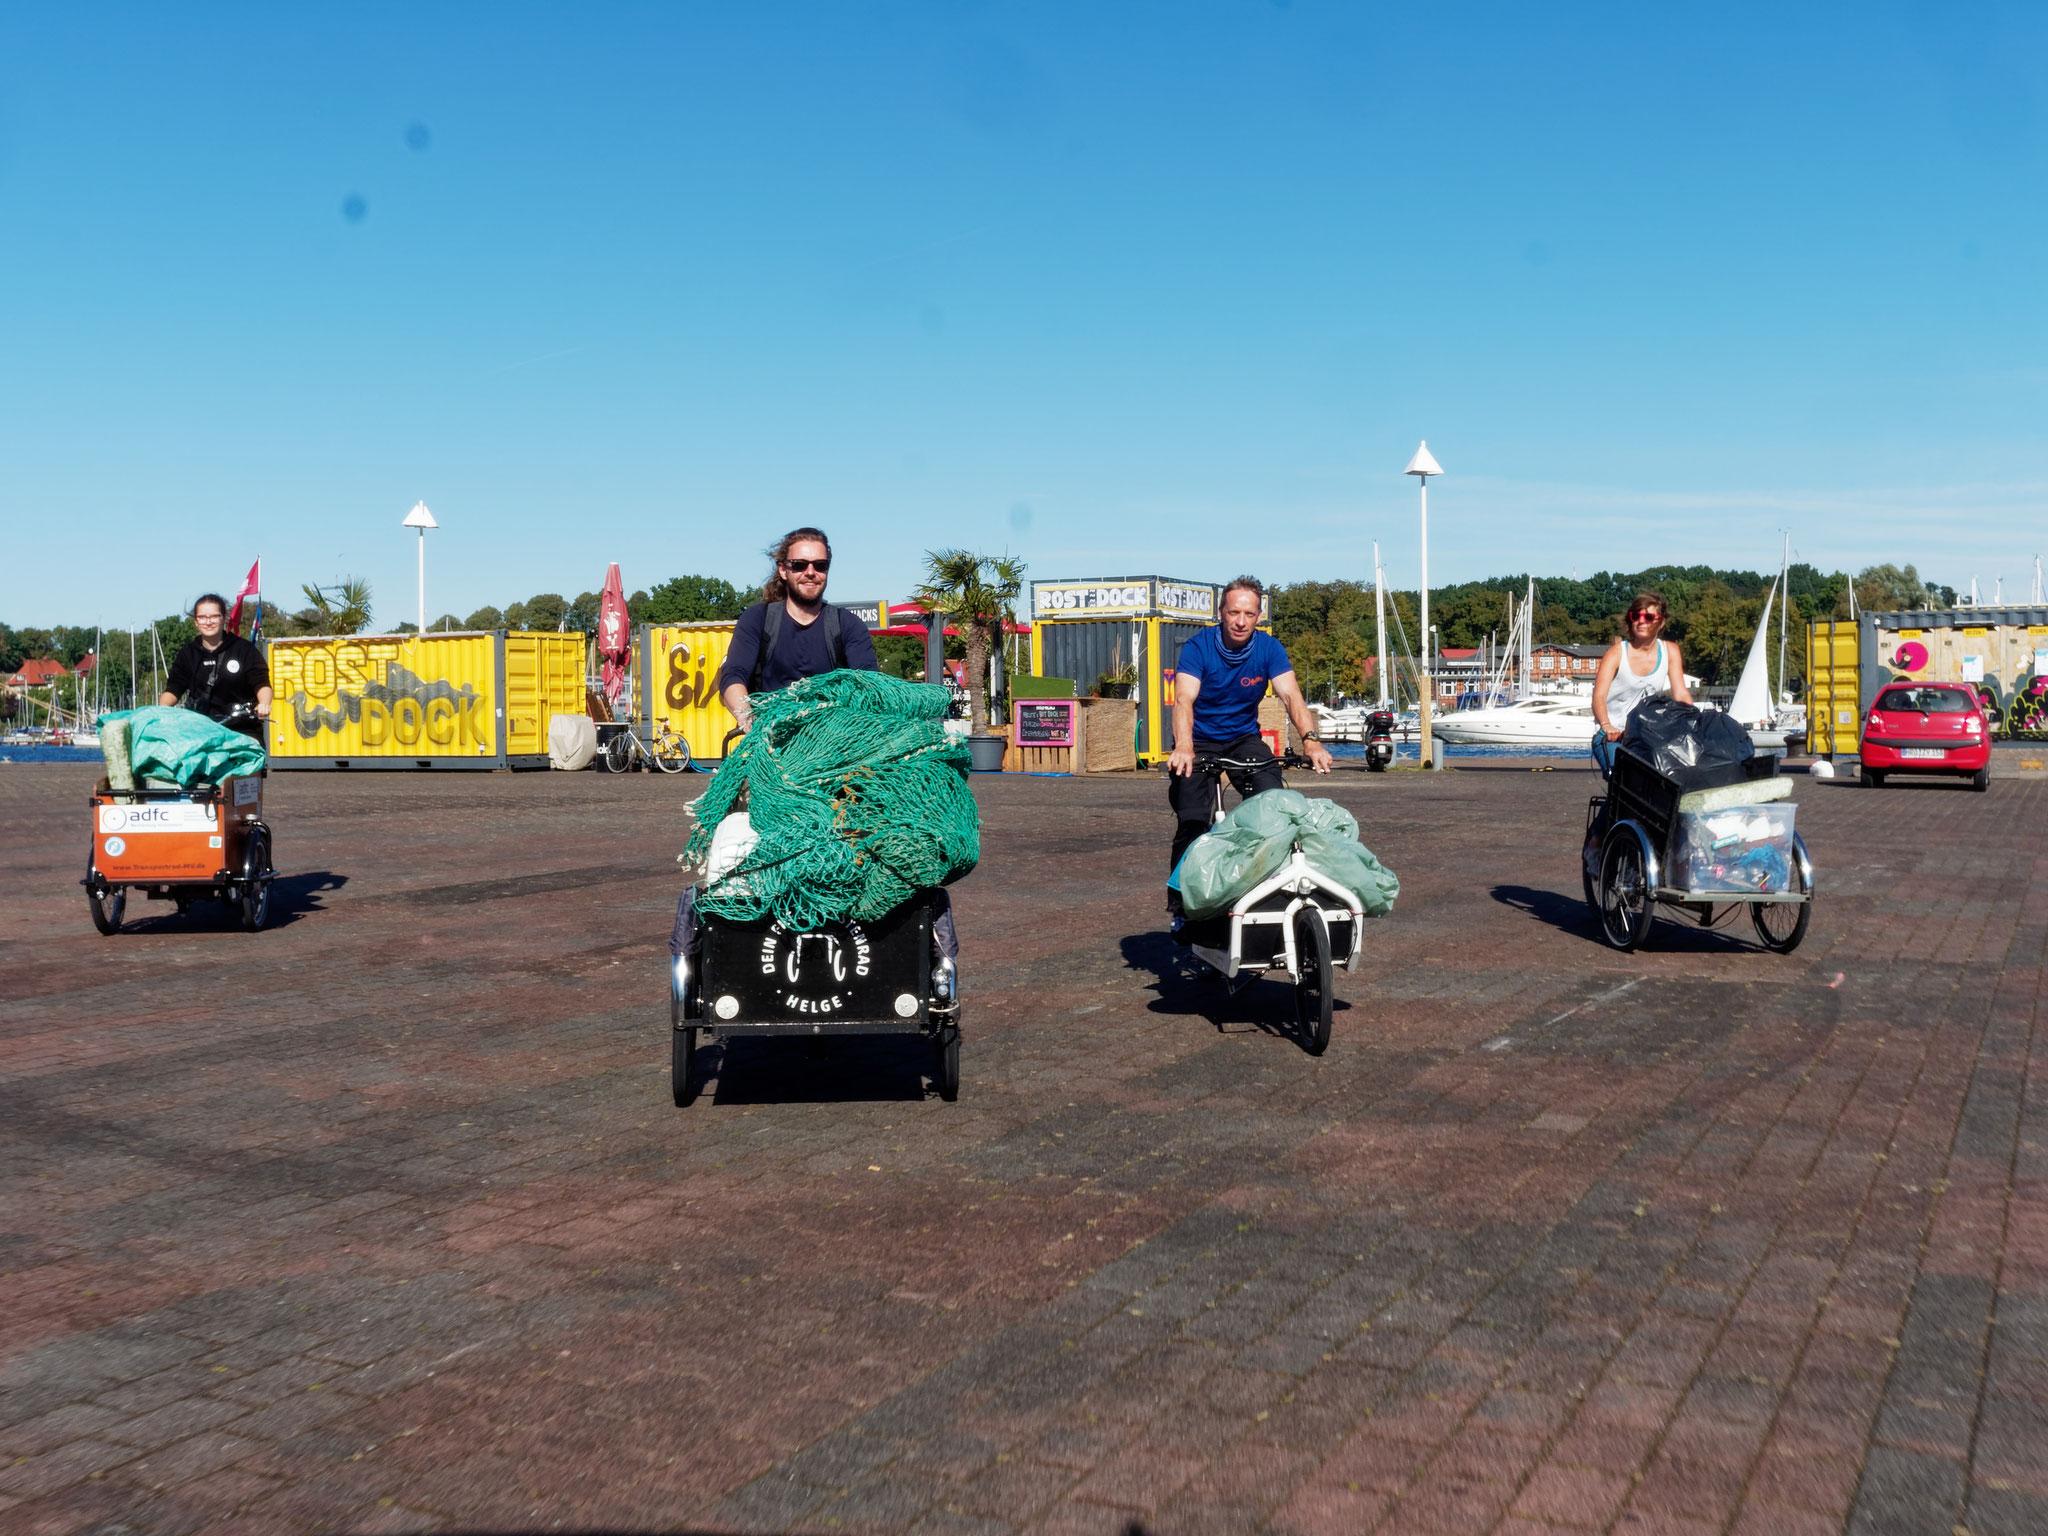 MDer Meeresmüll wird mit Lastenrädern vom Zirkus Fantasia zum Klimaaktionstag in der Langen Straße transportiert. Bildautor: Emiliano Leonardi